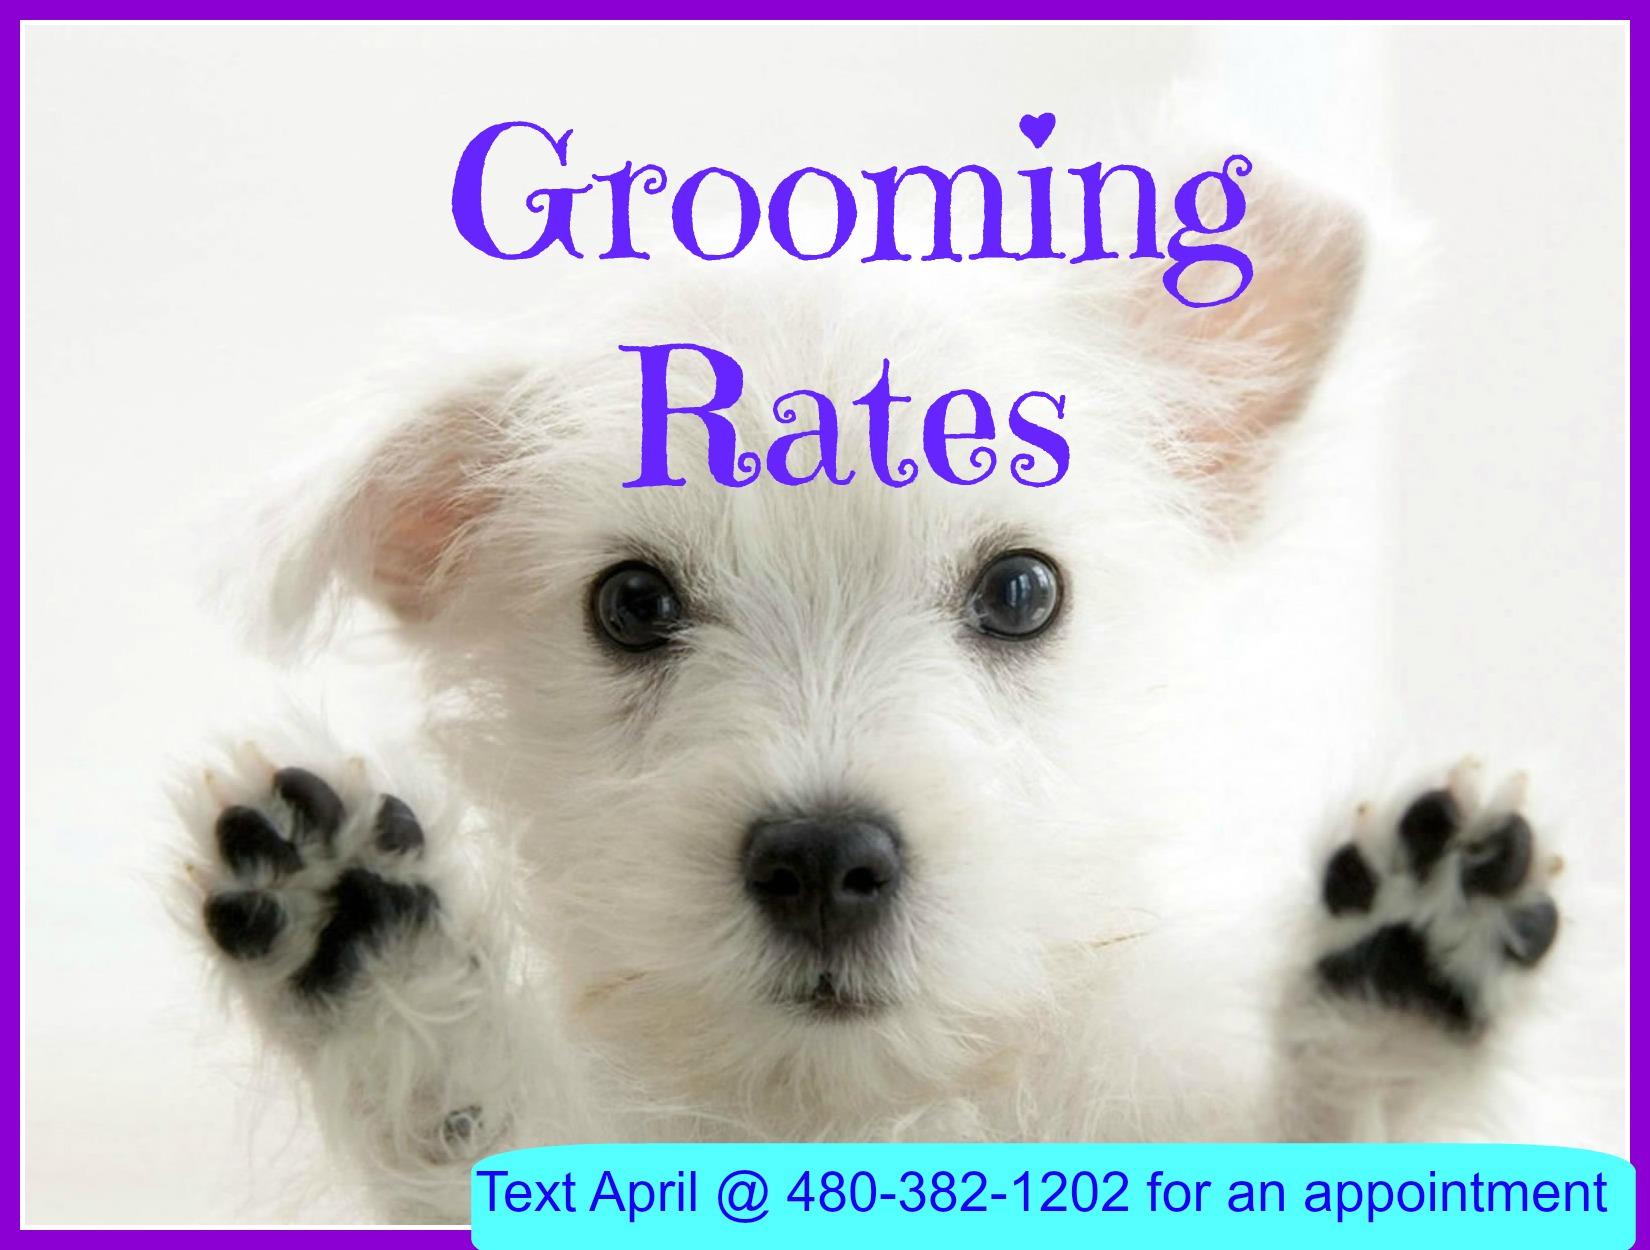 phoenix grooming rates